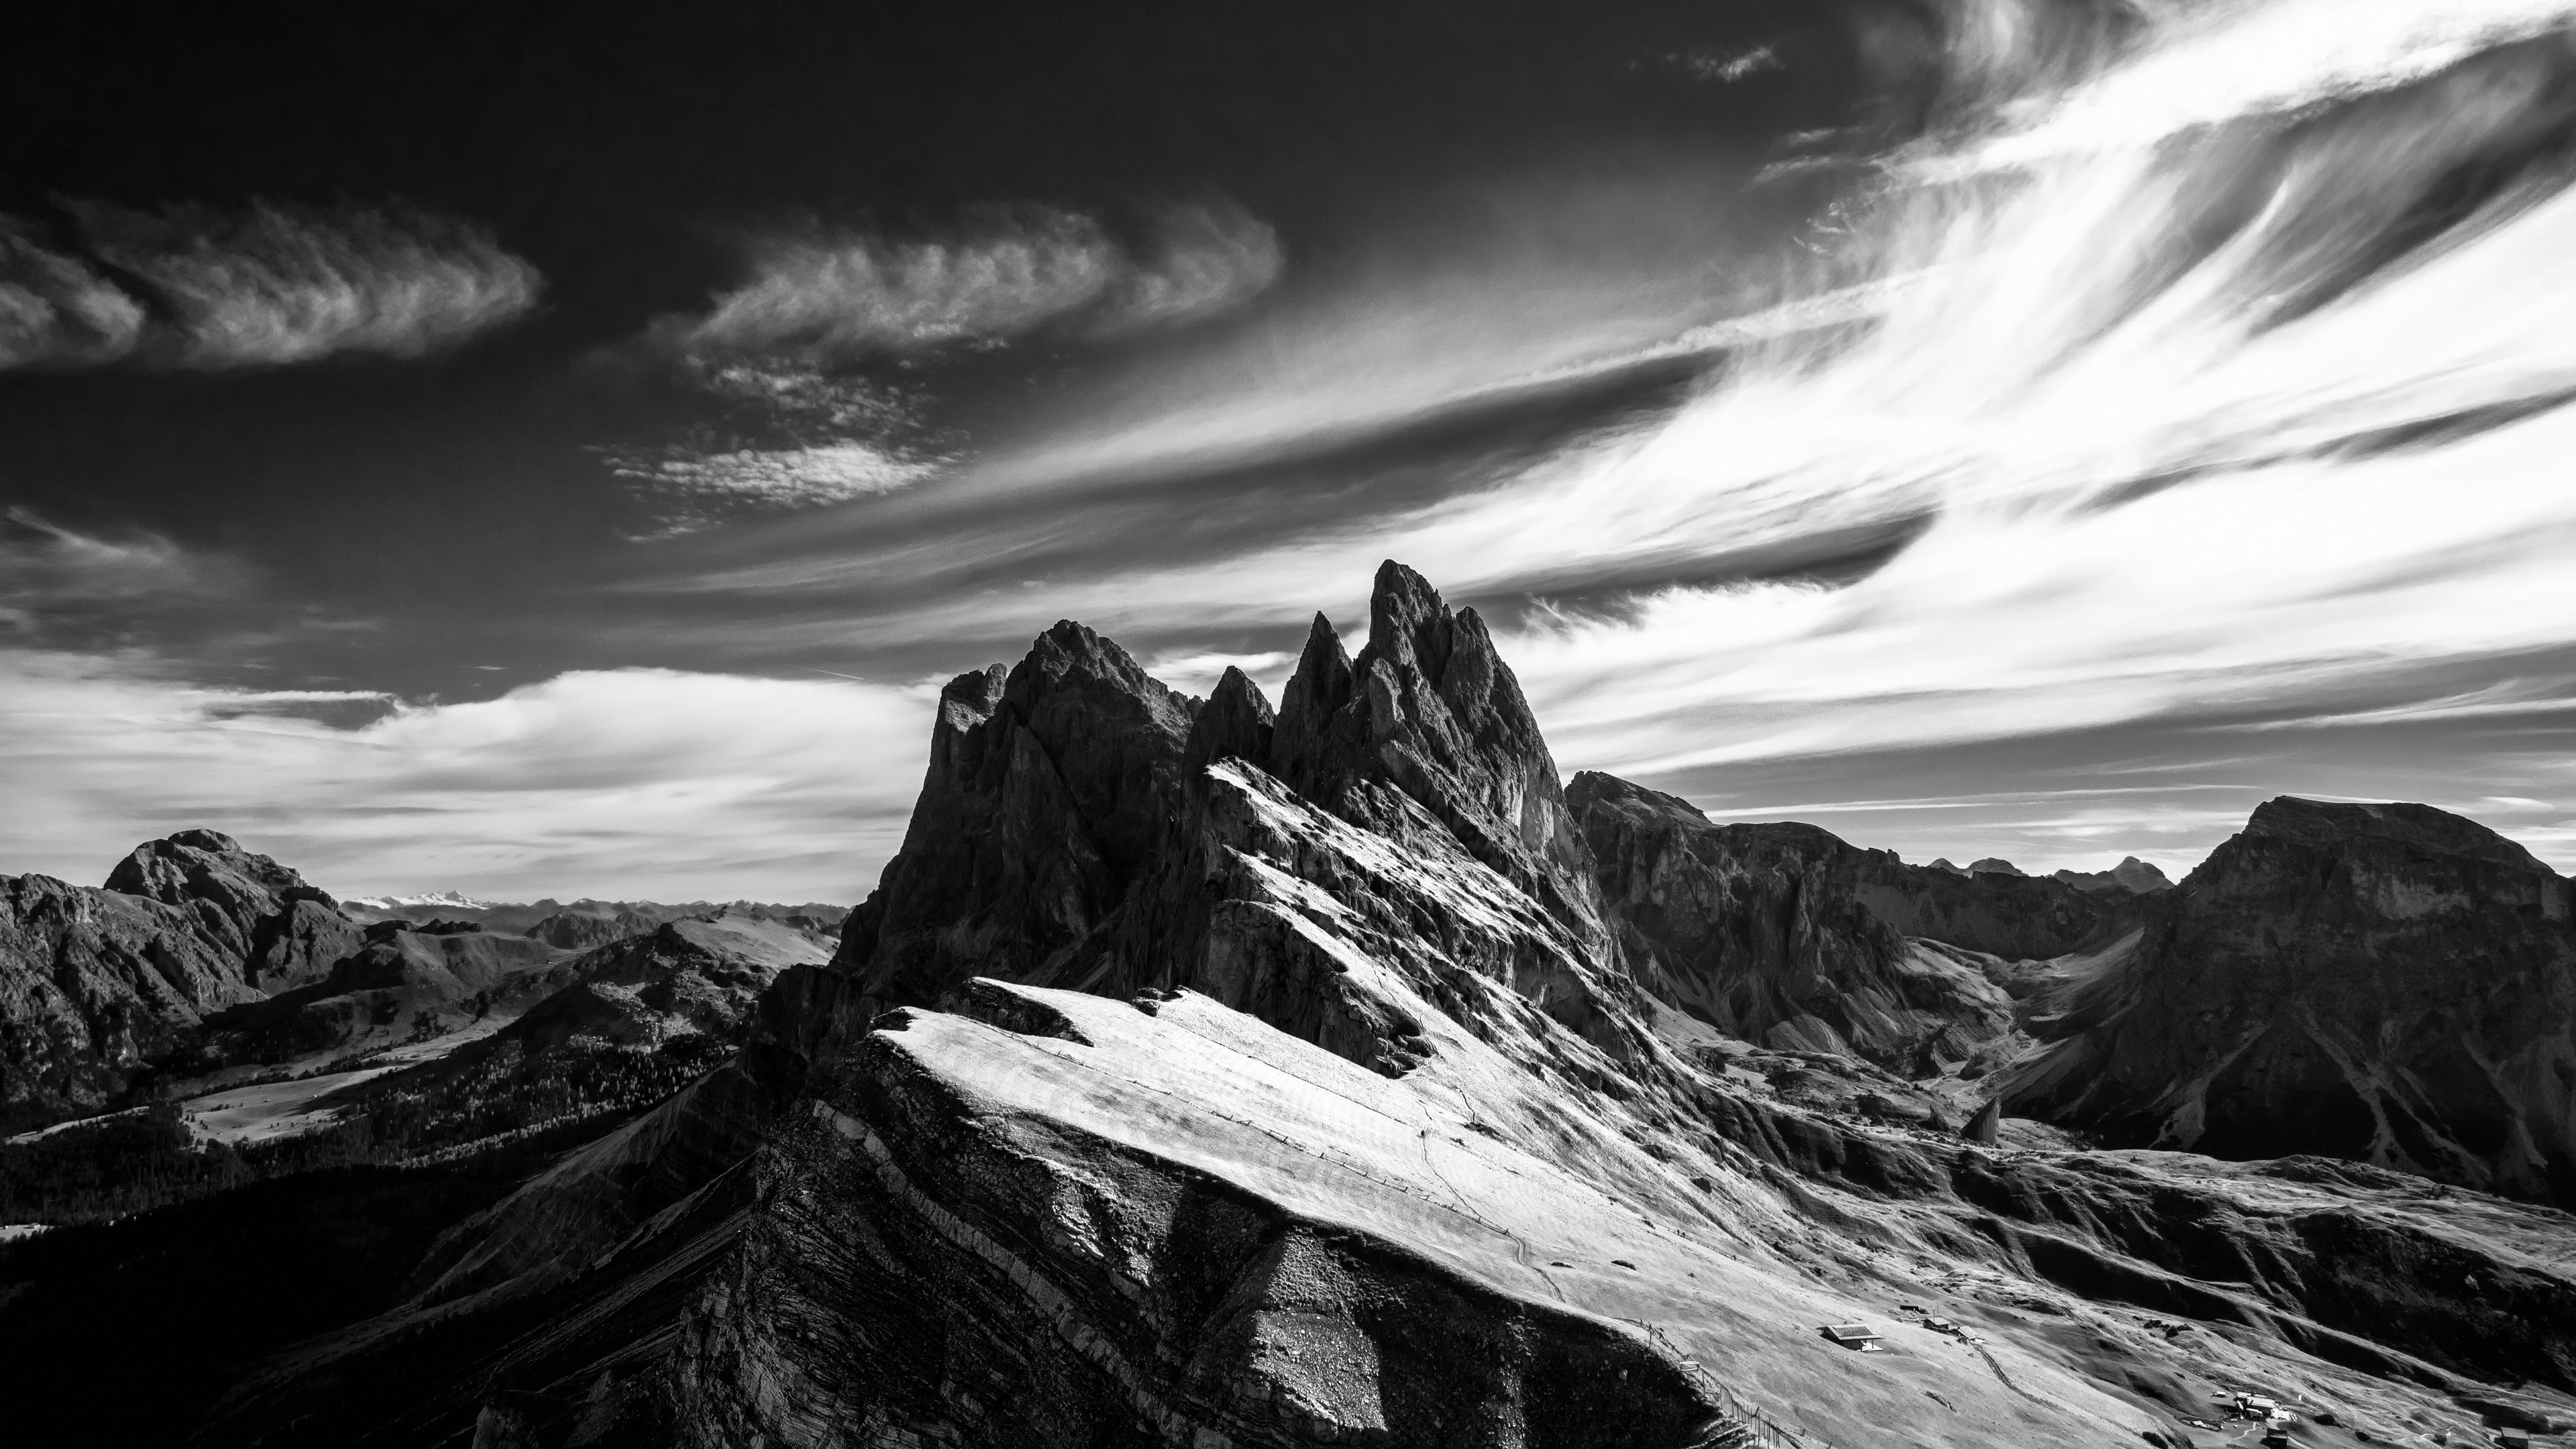 mountain sky bw peak italy 4k 1541113692 - mountain, sky, bw, peak, italy 4k - Sky, Mountain, bw